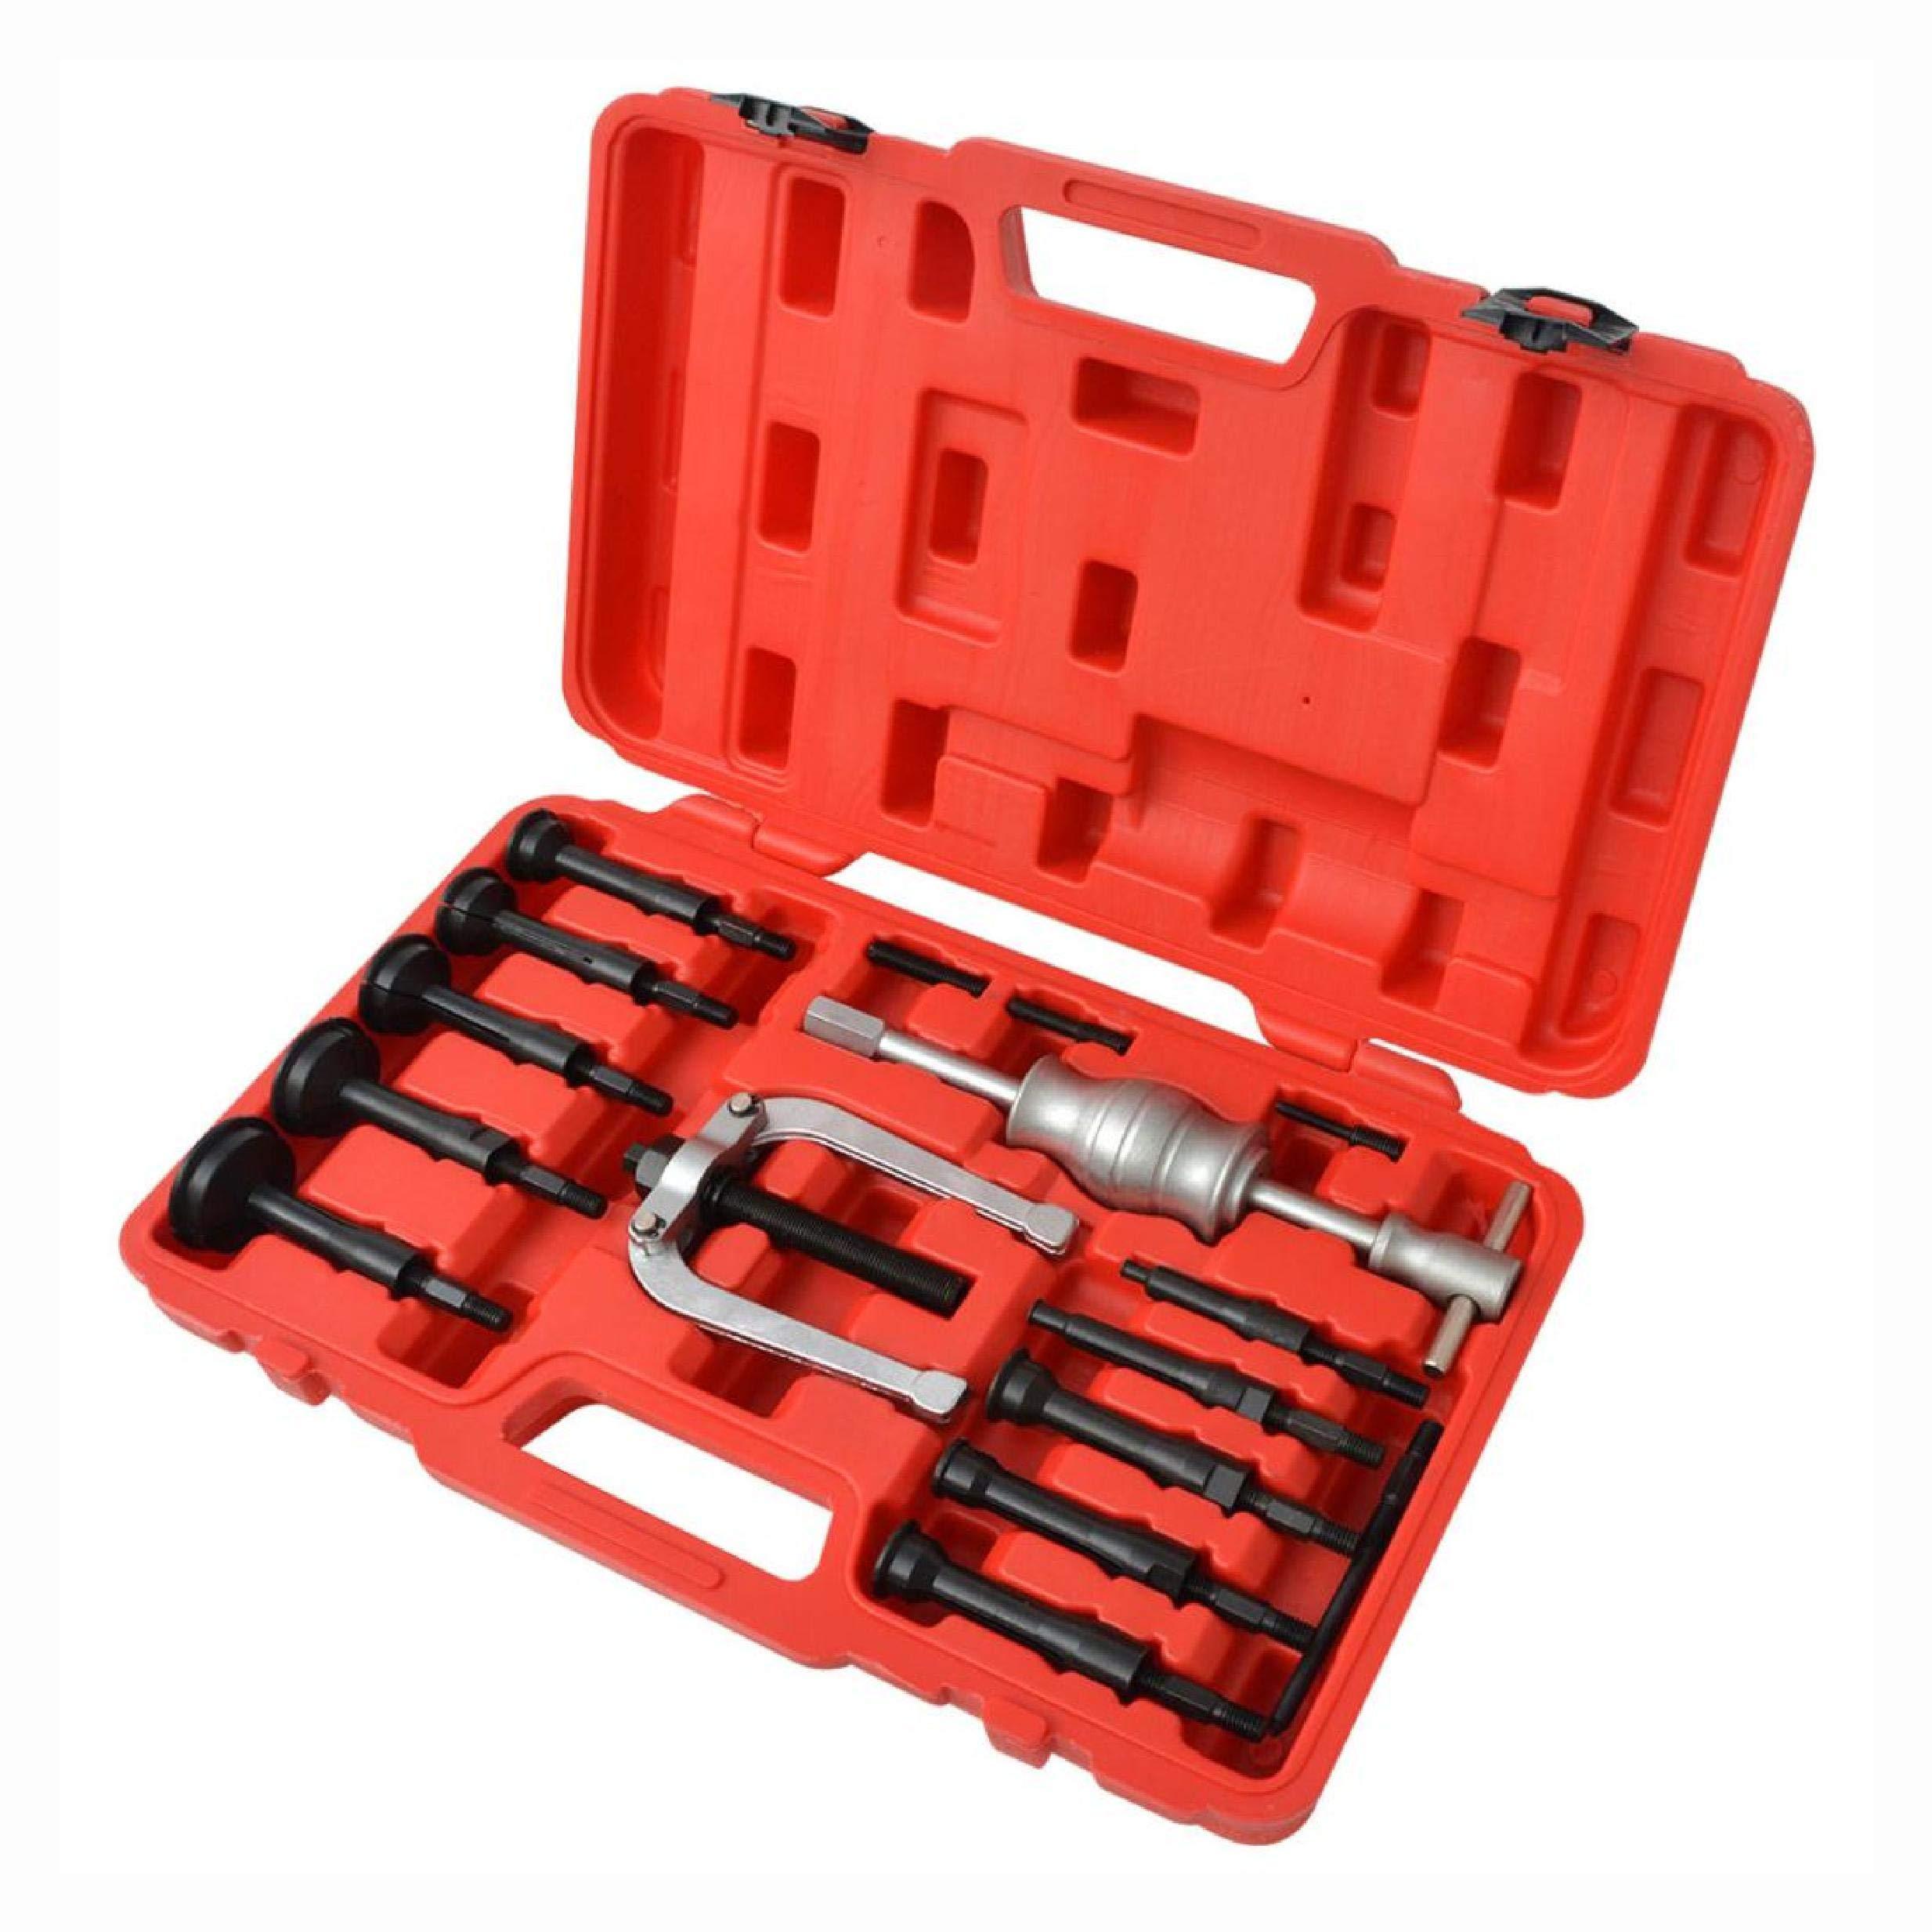 HomyDelight Hand Tool, 16 Piece Insert Bearing Puller Set by HomyDelight